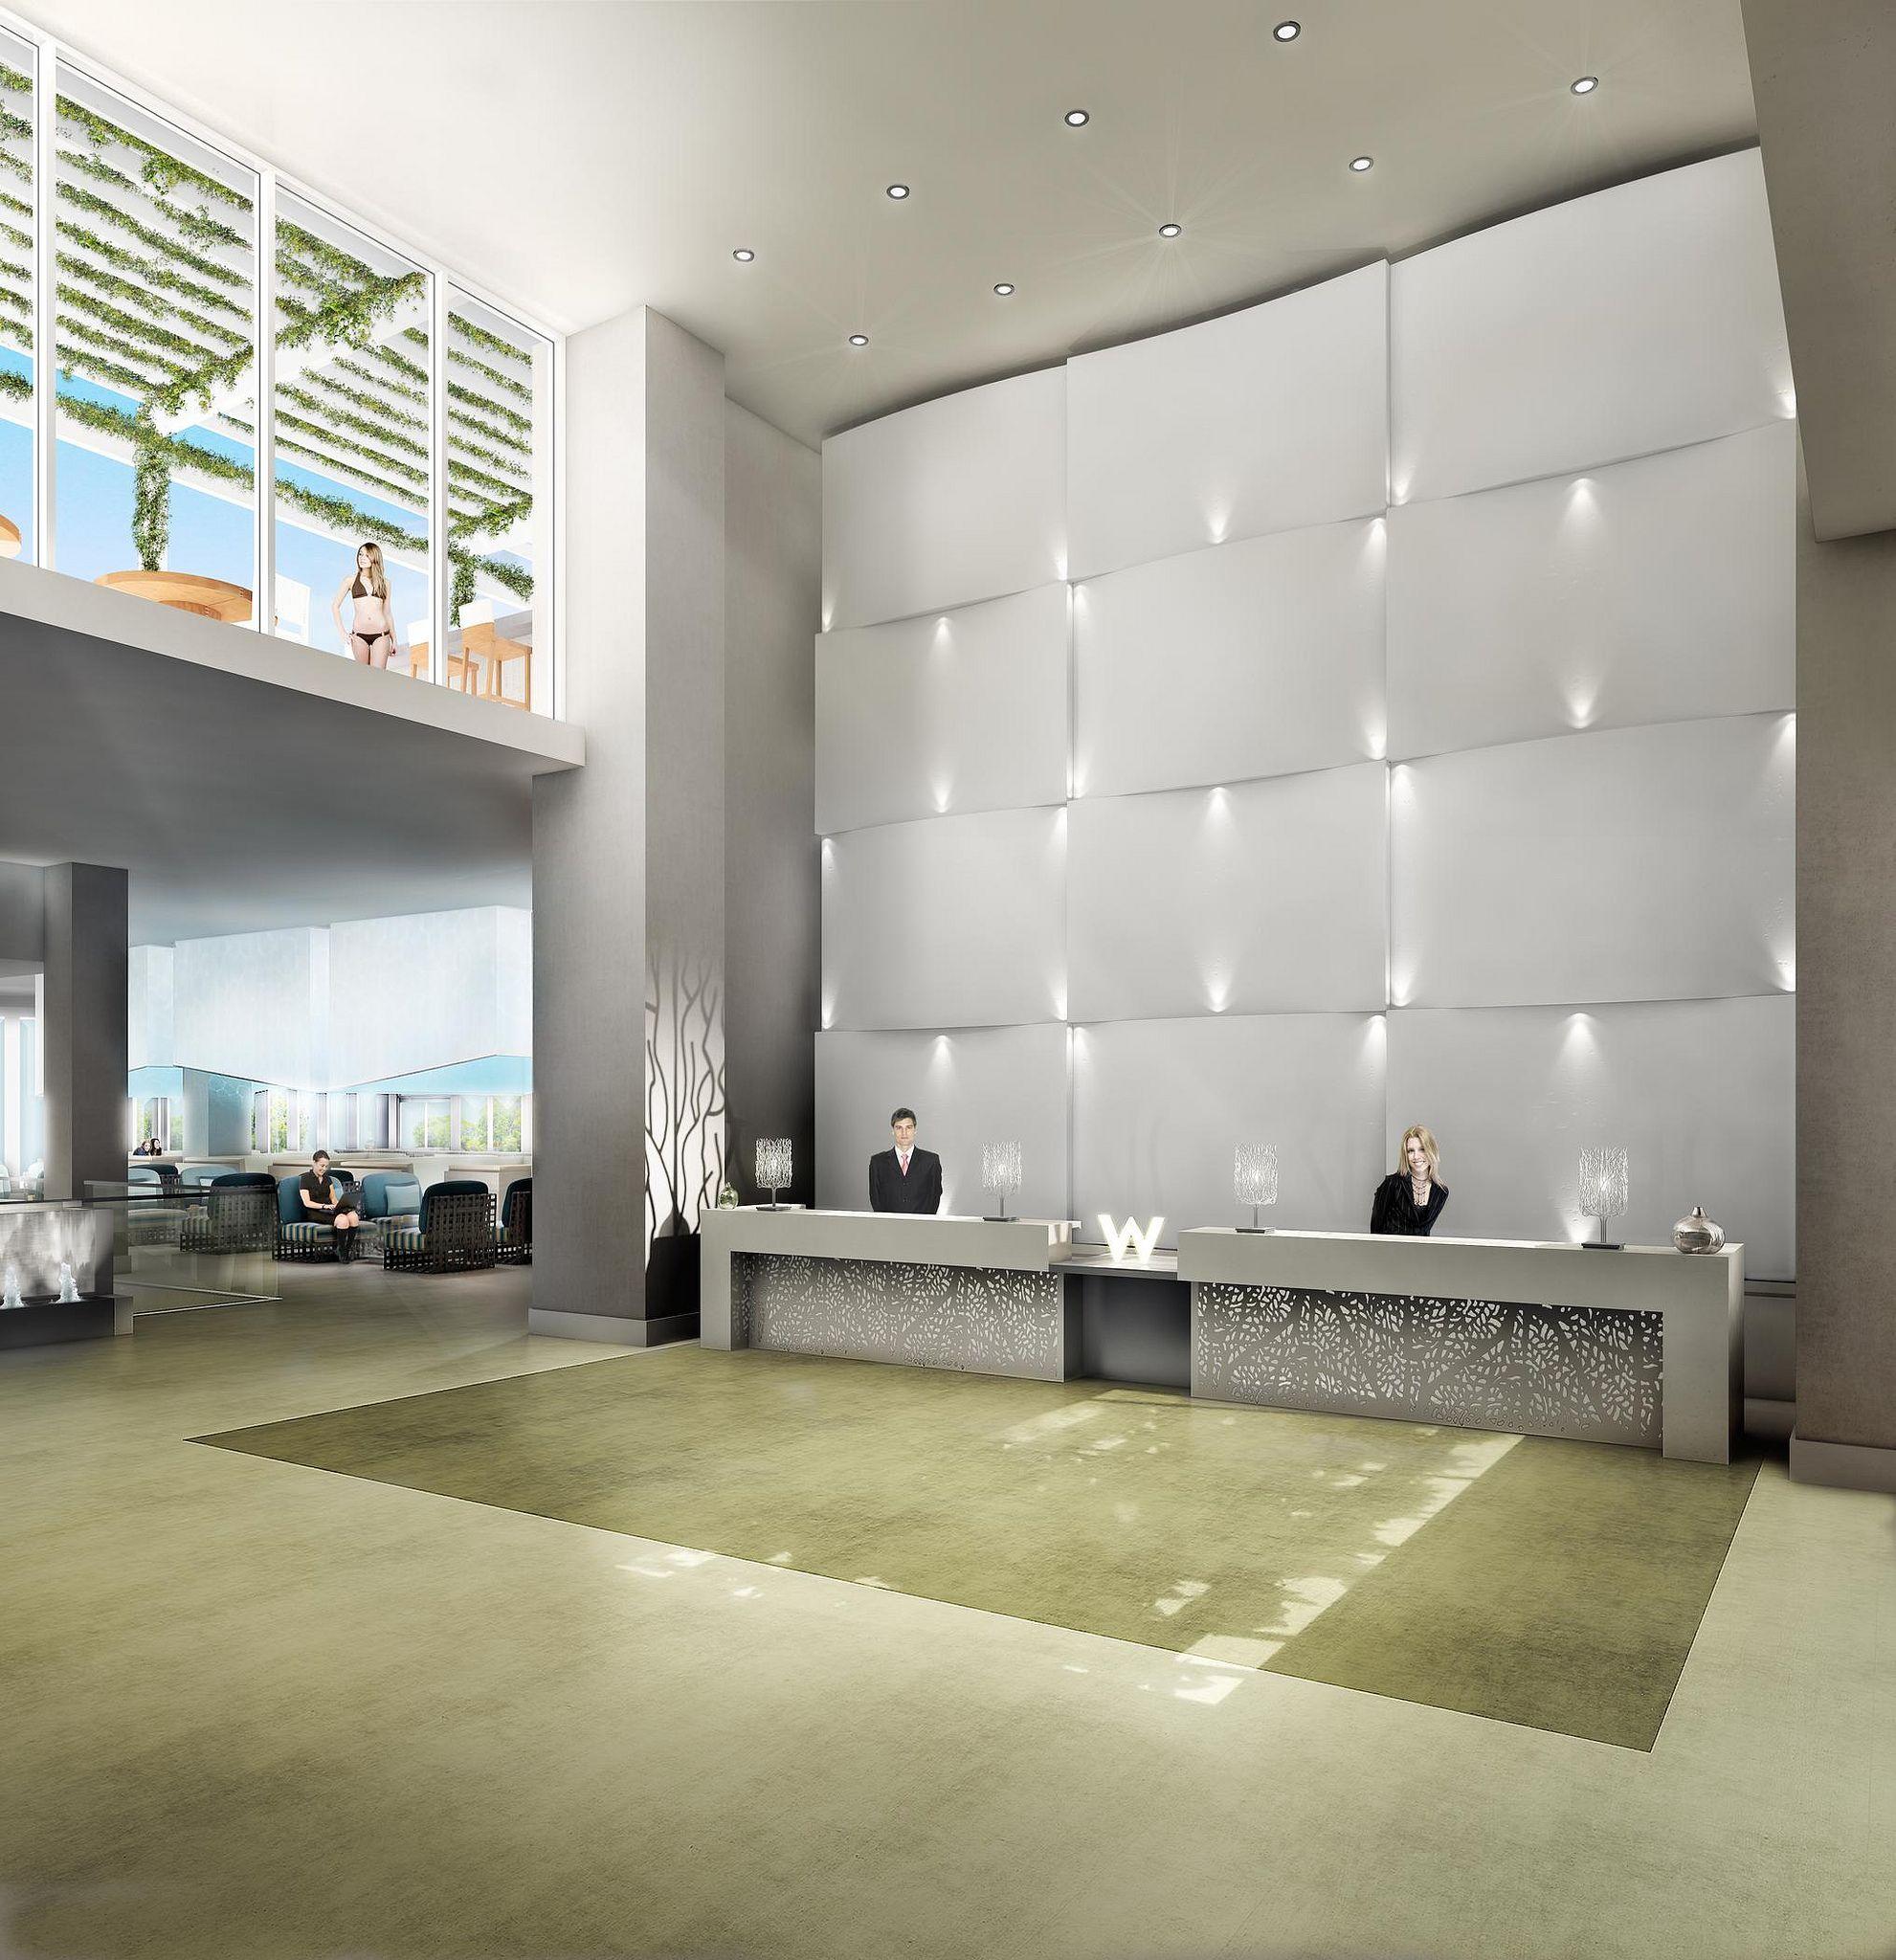 W Fort Lauderdale Rendering Welcome Desk Reception Desk Design Commercial Interior Design Front Desk Design